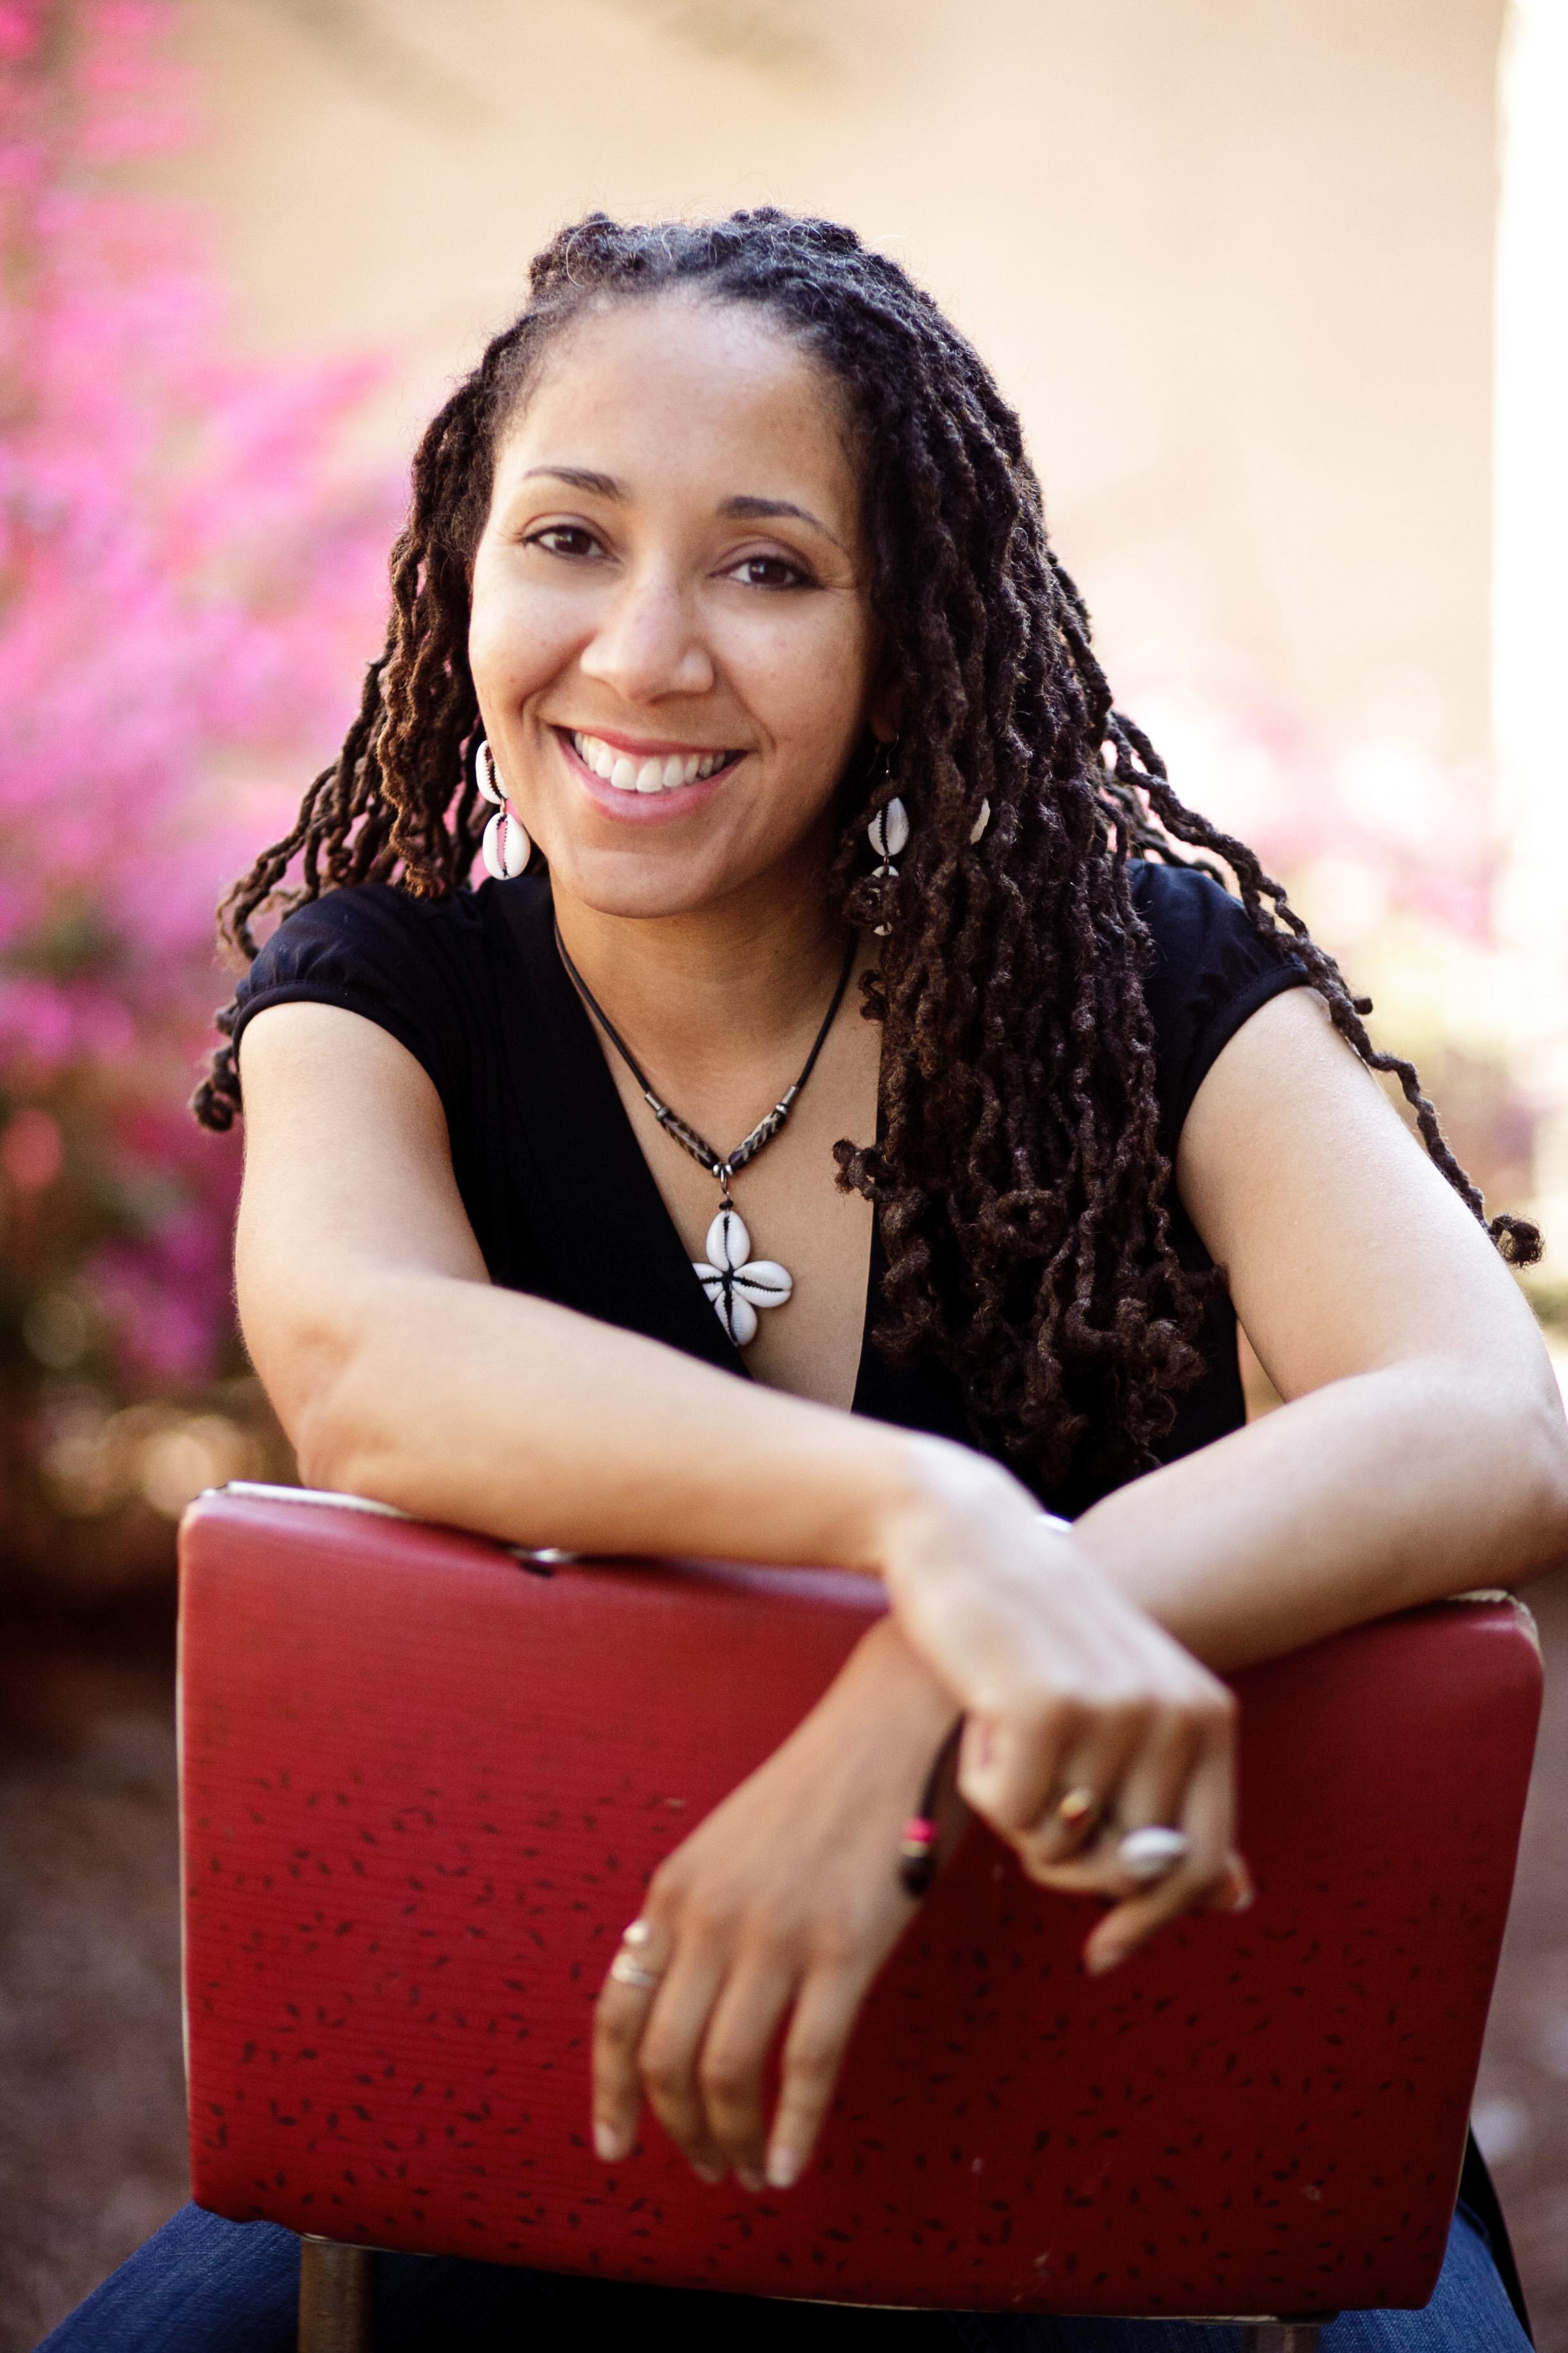 Patheos 10+1: A Q&A with 'Bipolar Faith' Author